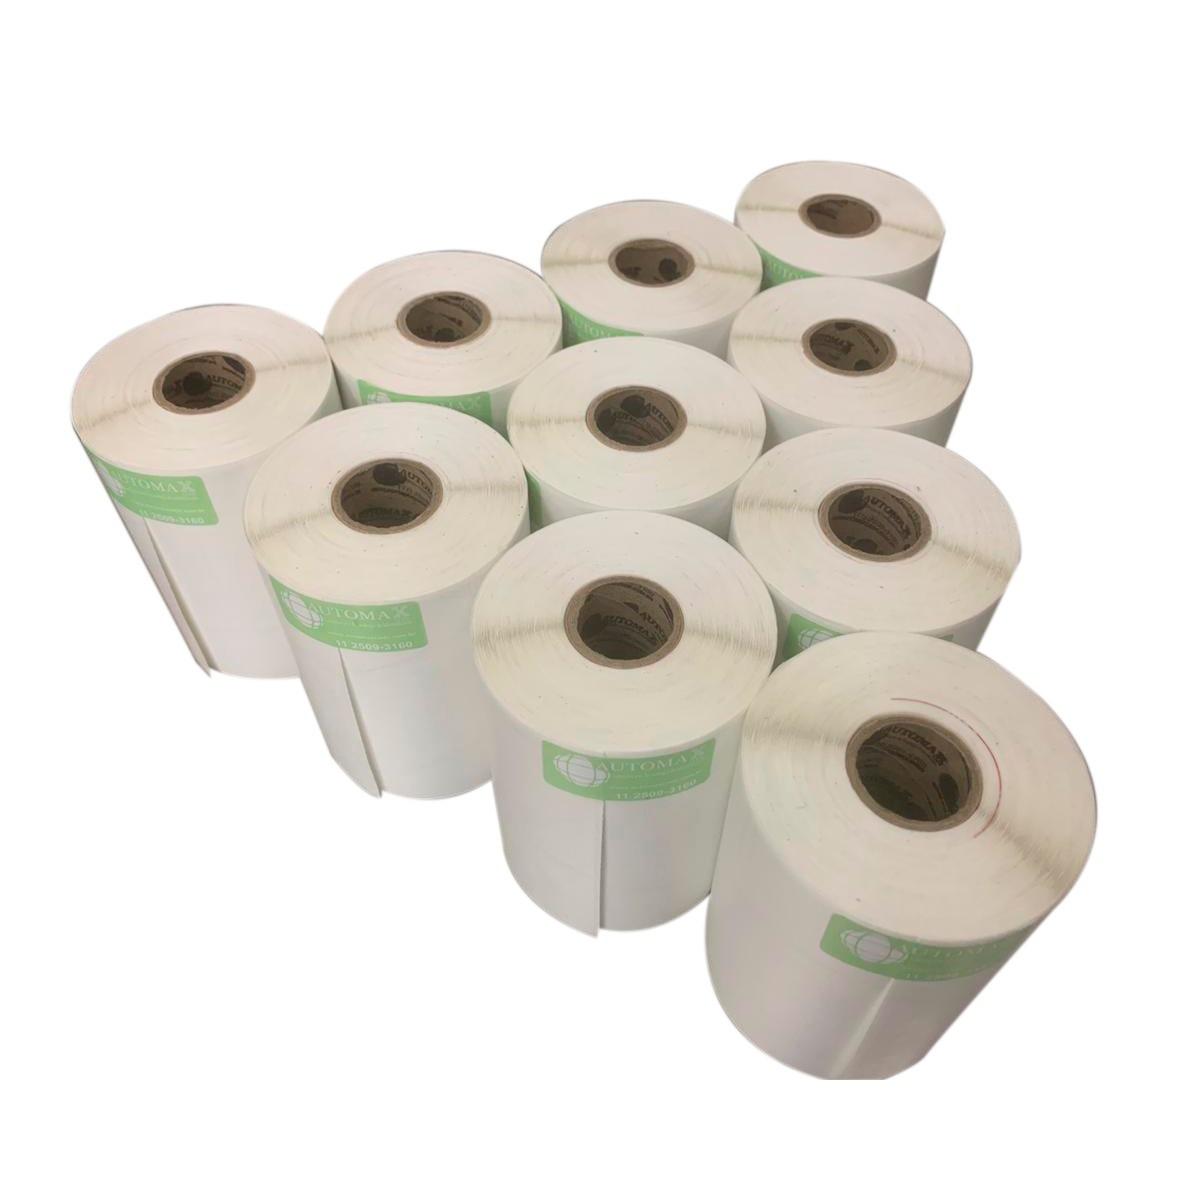 40 Rolos de Etiqueta Couche 34x23 | 34mmX23mm 3 Colunas